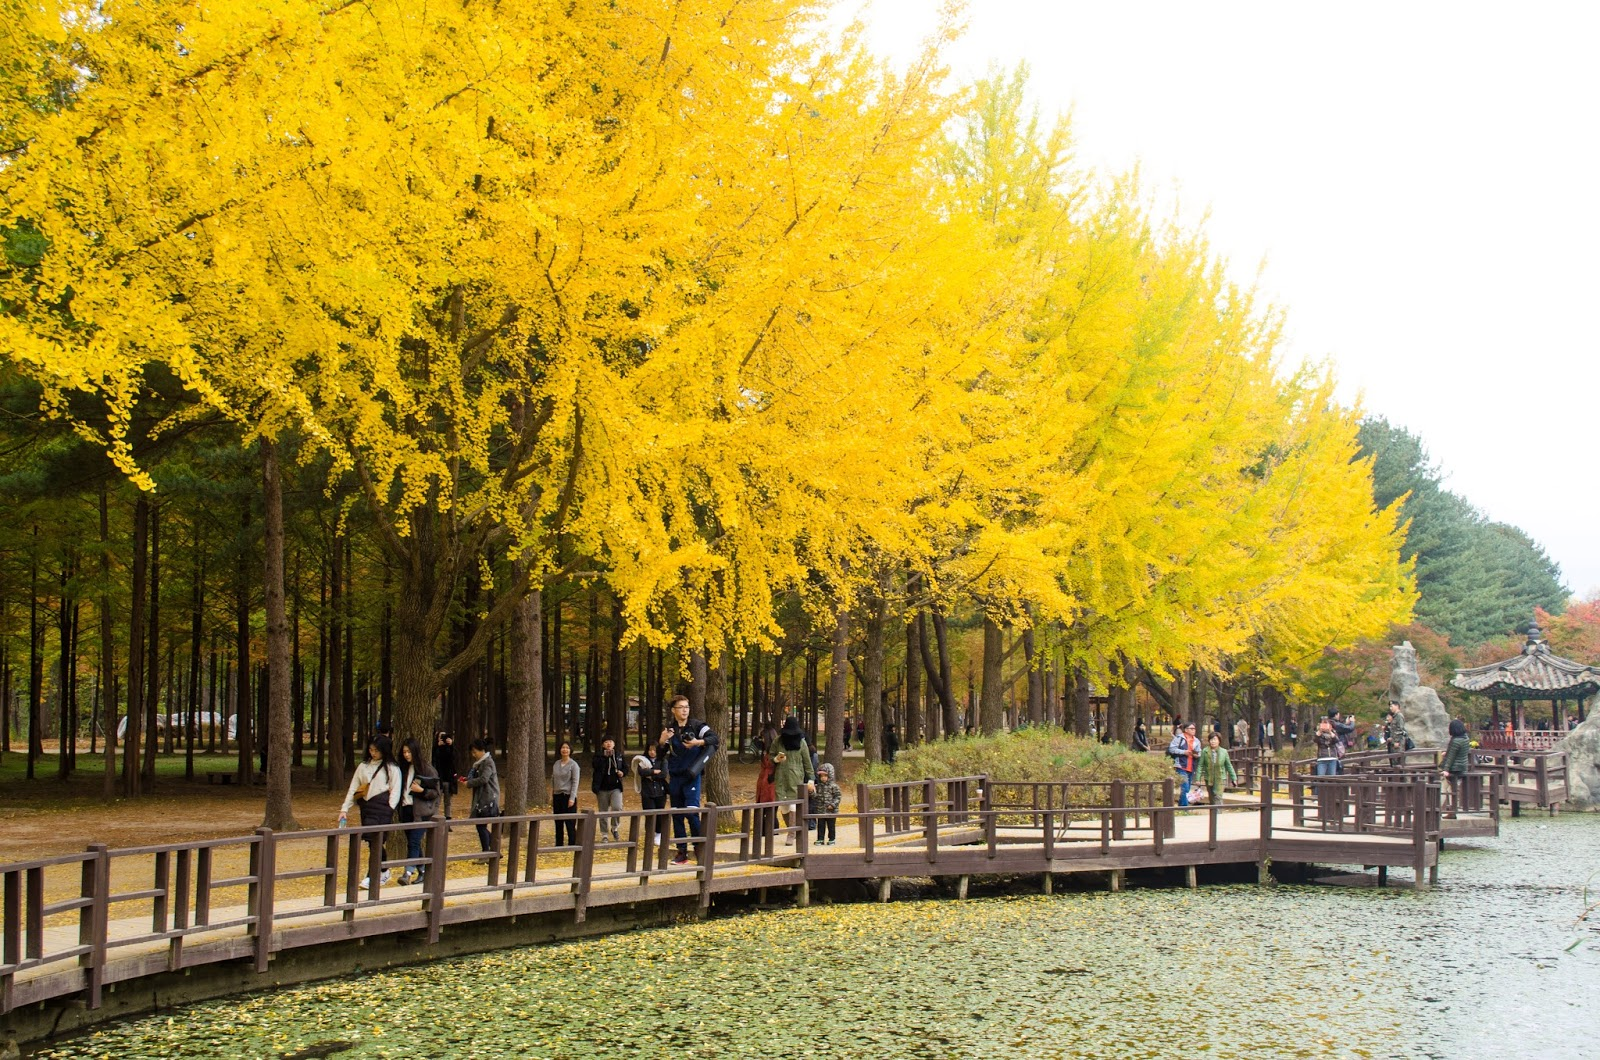 Tempat wisata Korea Selatan saat musim gugur yang harus kamu kunjungi  Padiciti.com